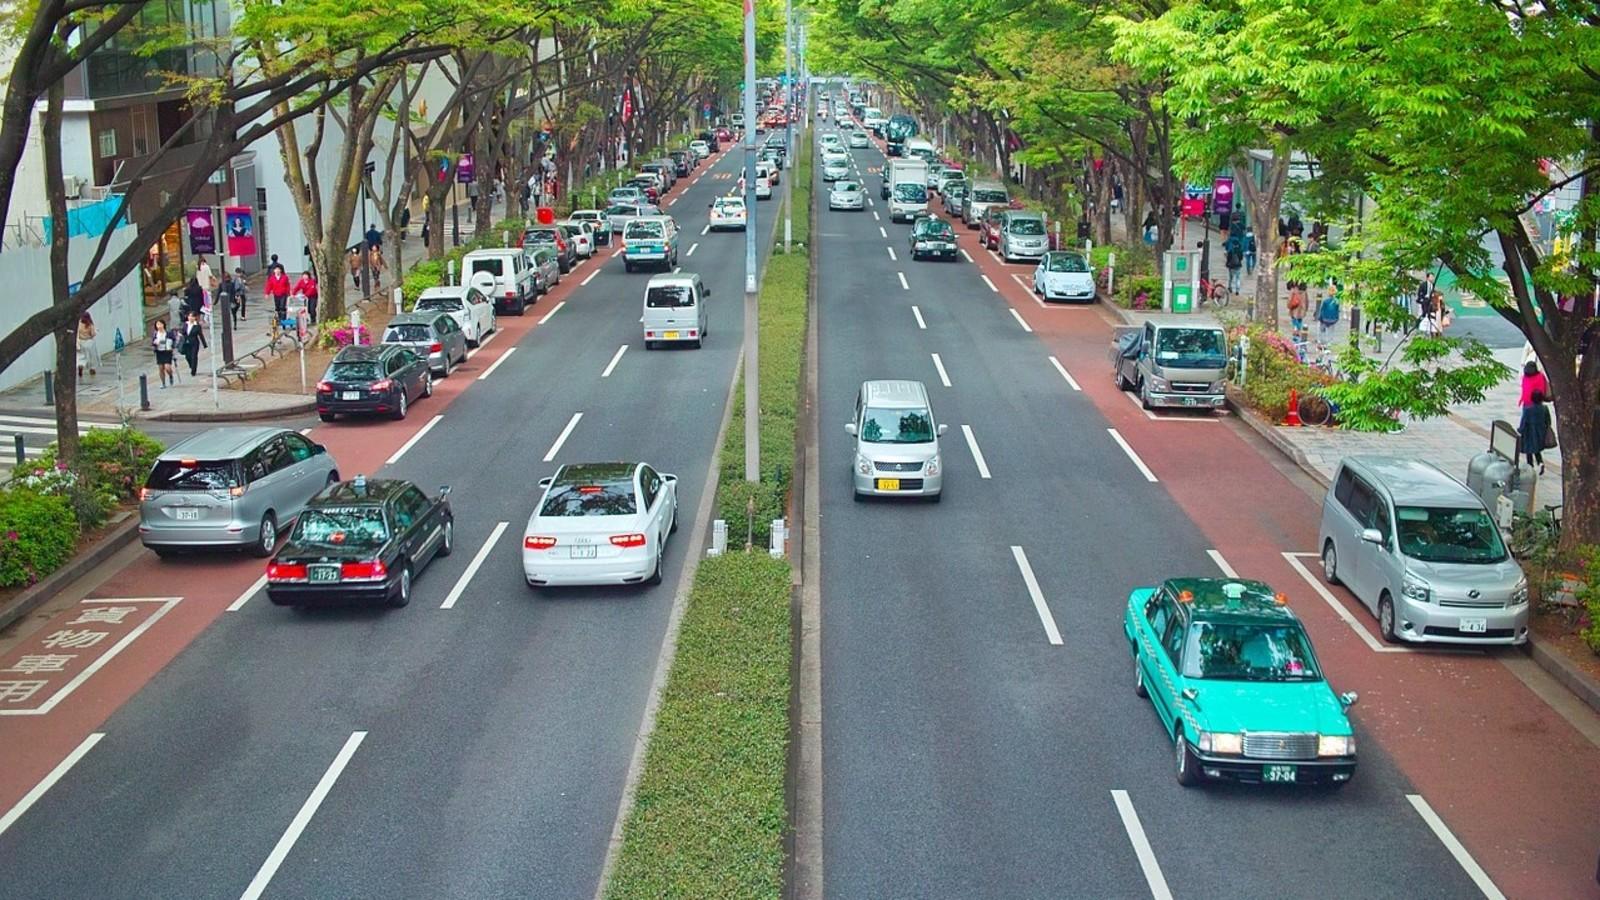 Le Japon veut mettre fin à la vente des véhicules à essence d'ici 2030